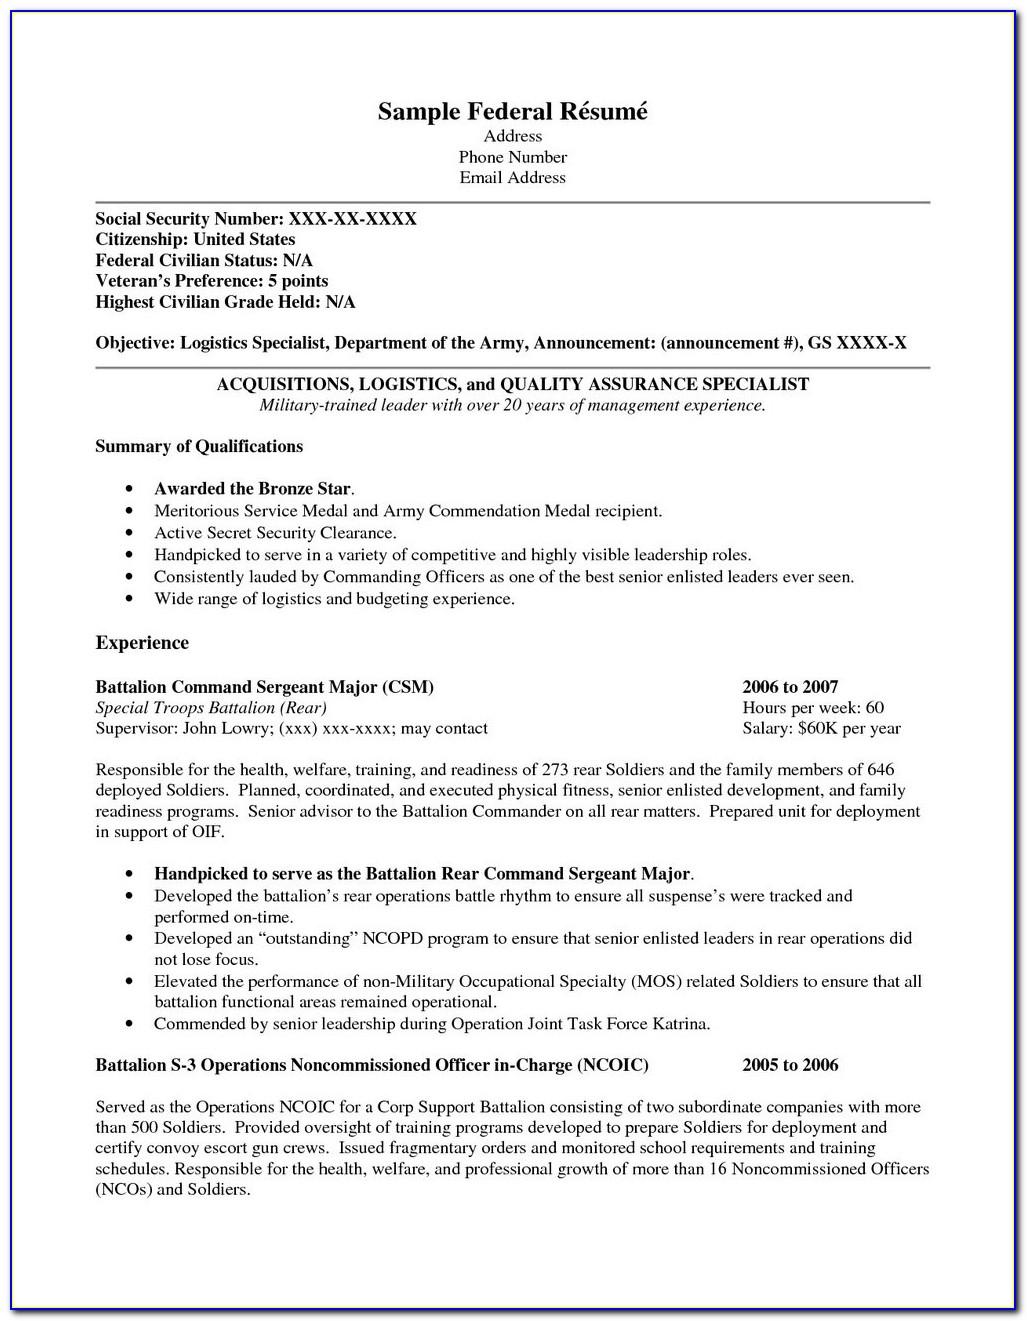 Free Resume Builder For Veterans